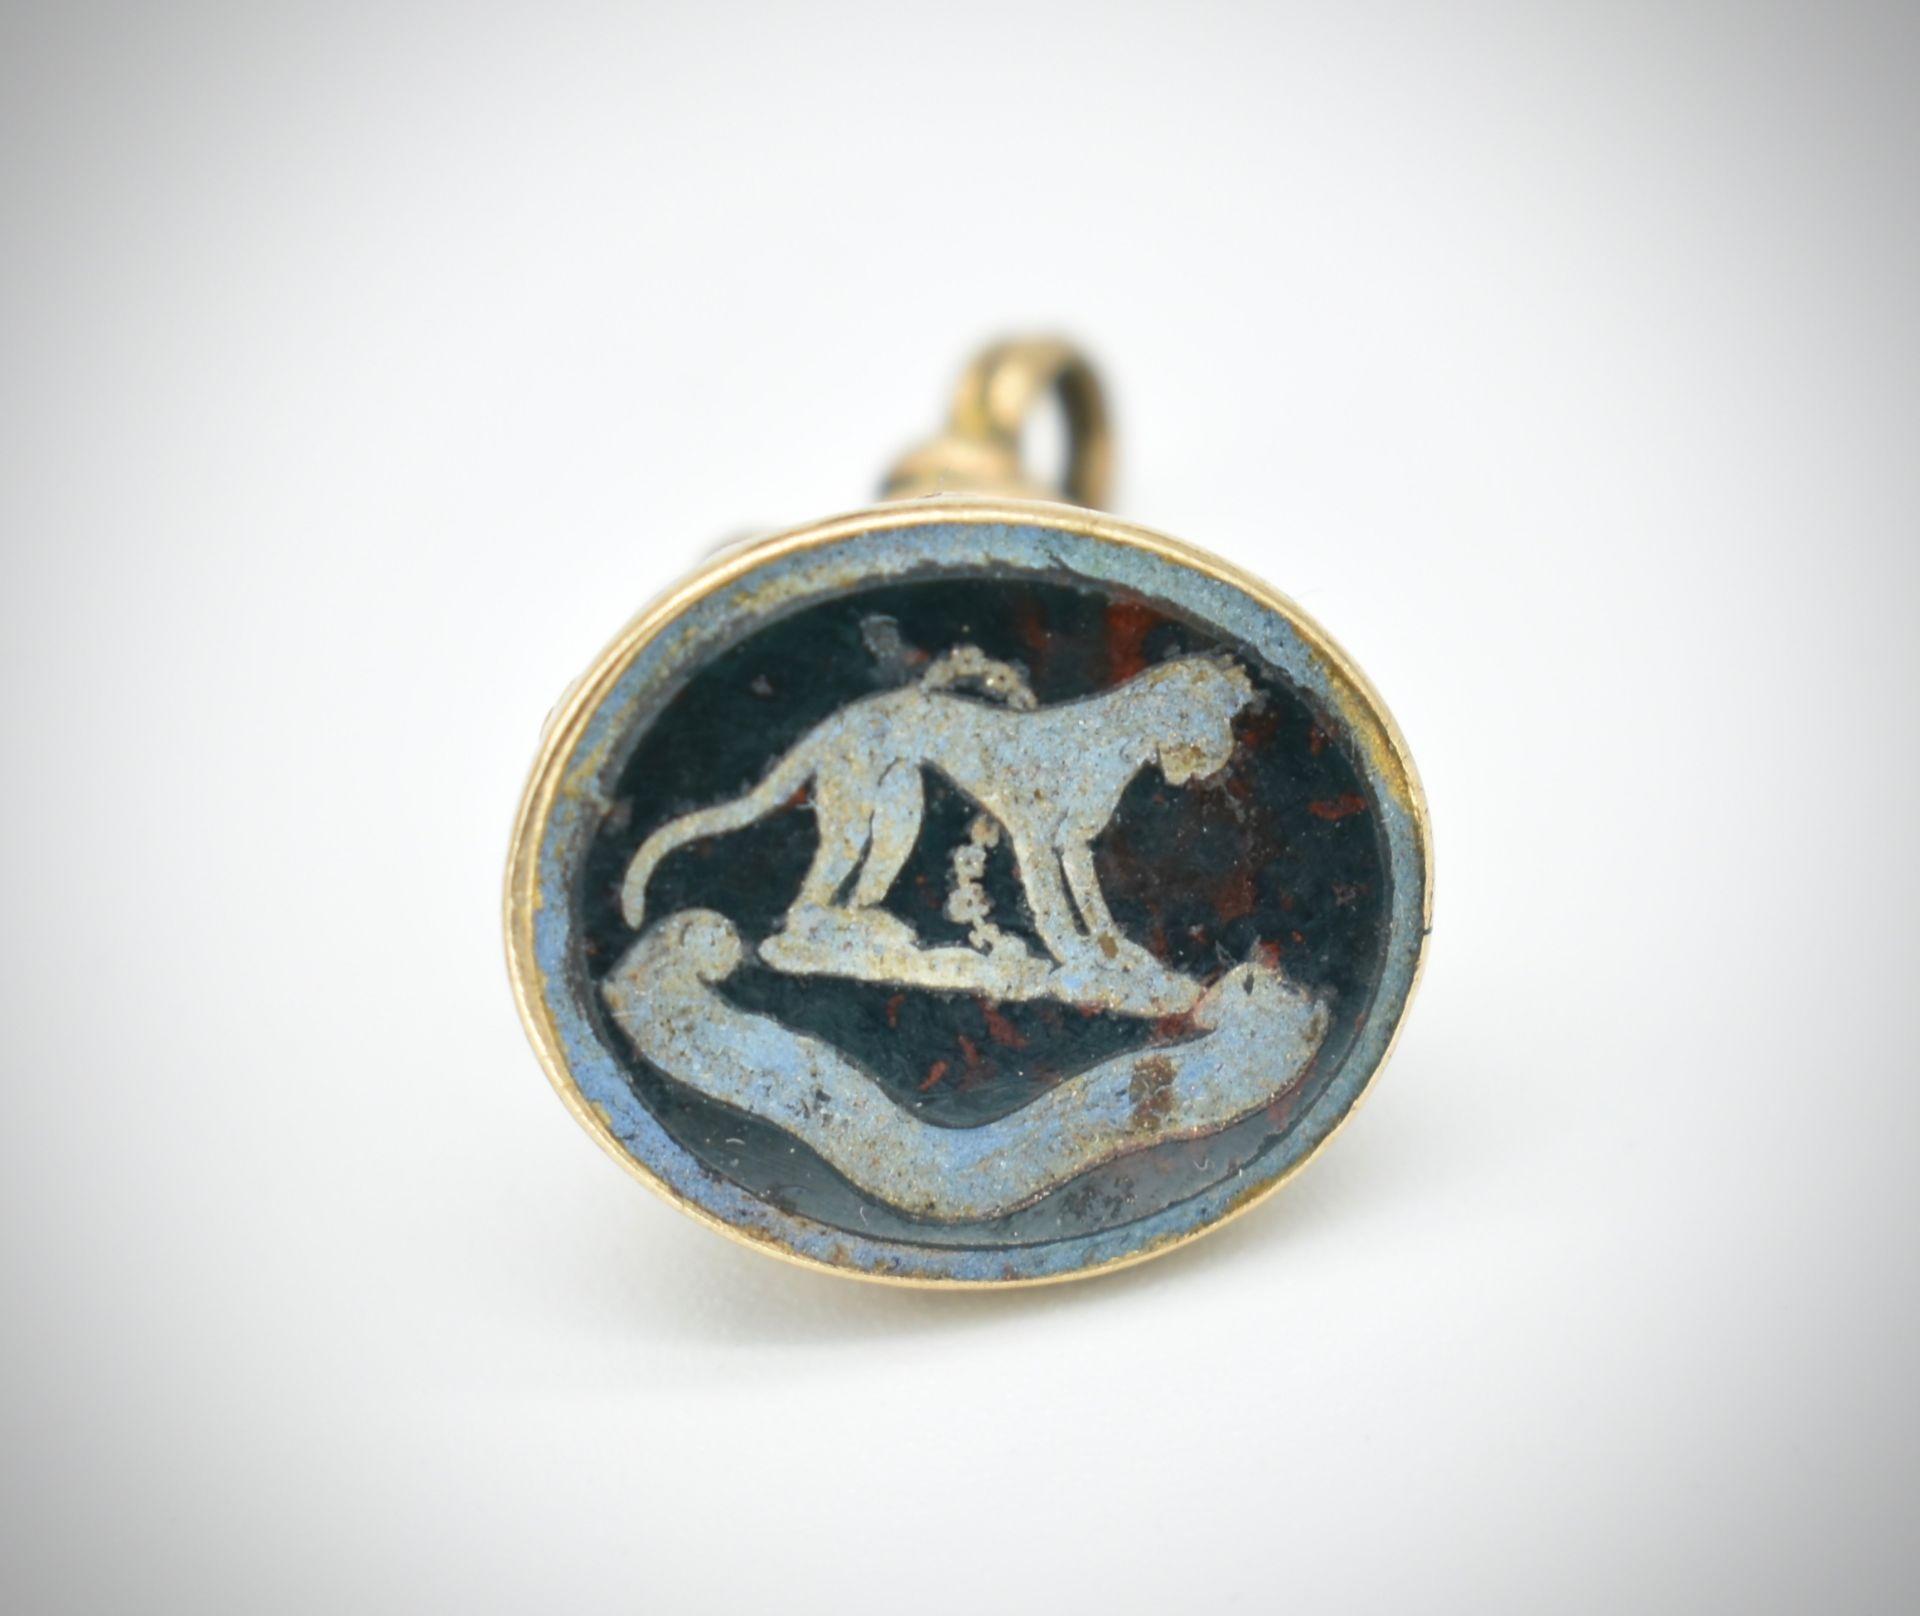 Antique 9ct Gold Intaglio Seal Fob - Image 2 of 7